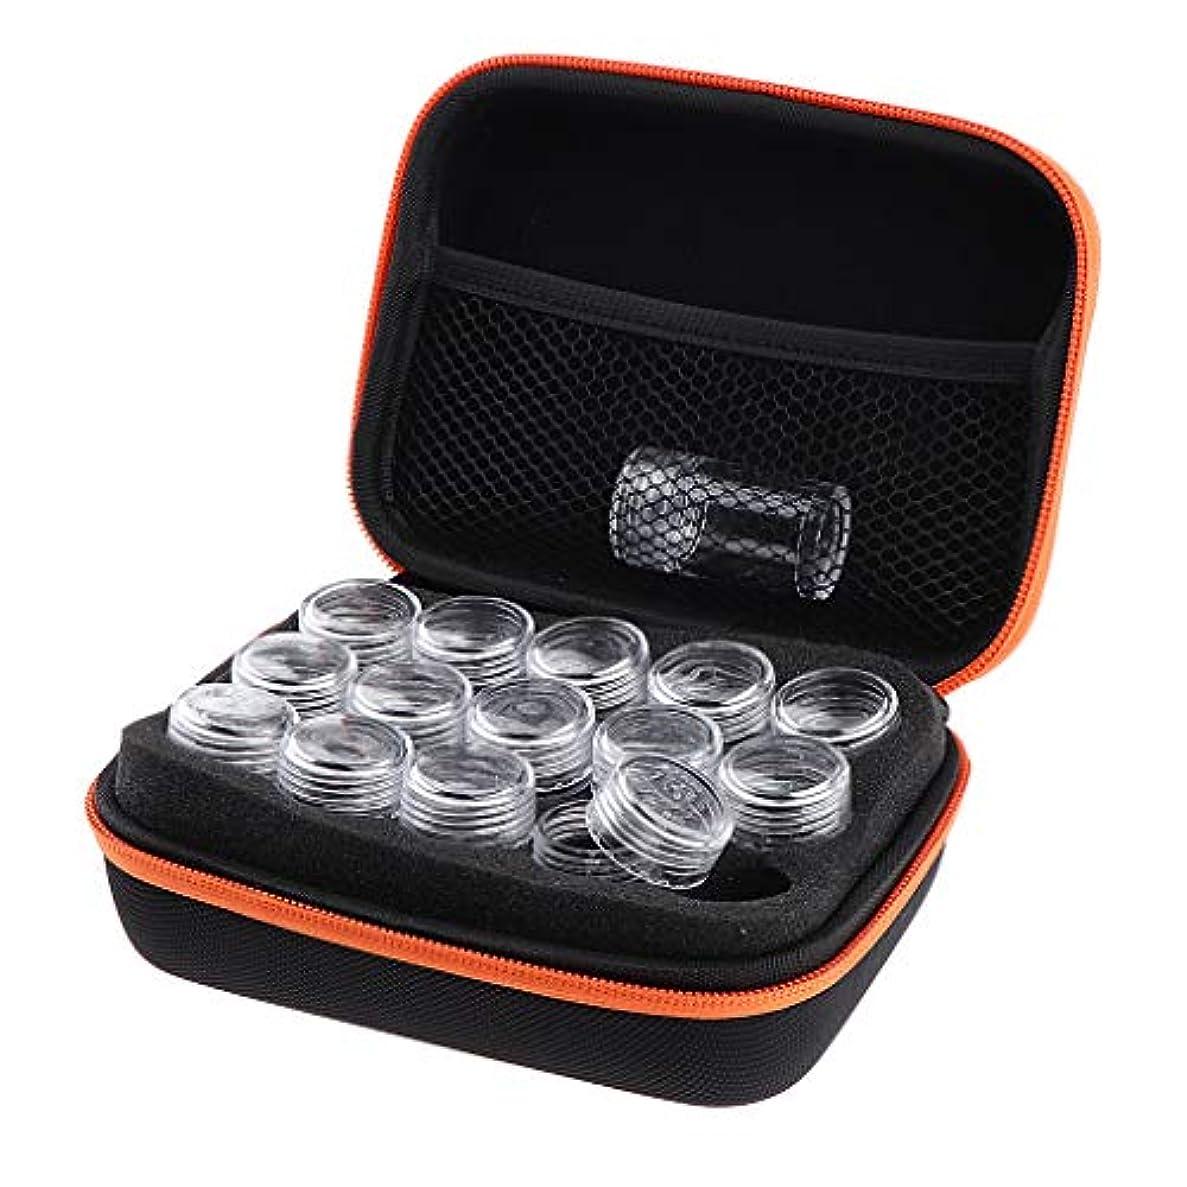 ティーンエイジャー脅かす近代化アロマポーチ 15本用 エッセンシャルオイル ケース 携帯用メイクポーチ 精油ケース 香水収納バッグ - オレンジ